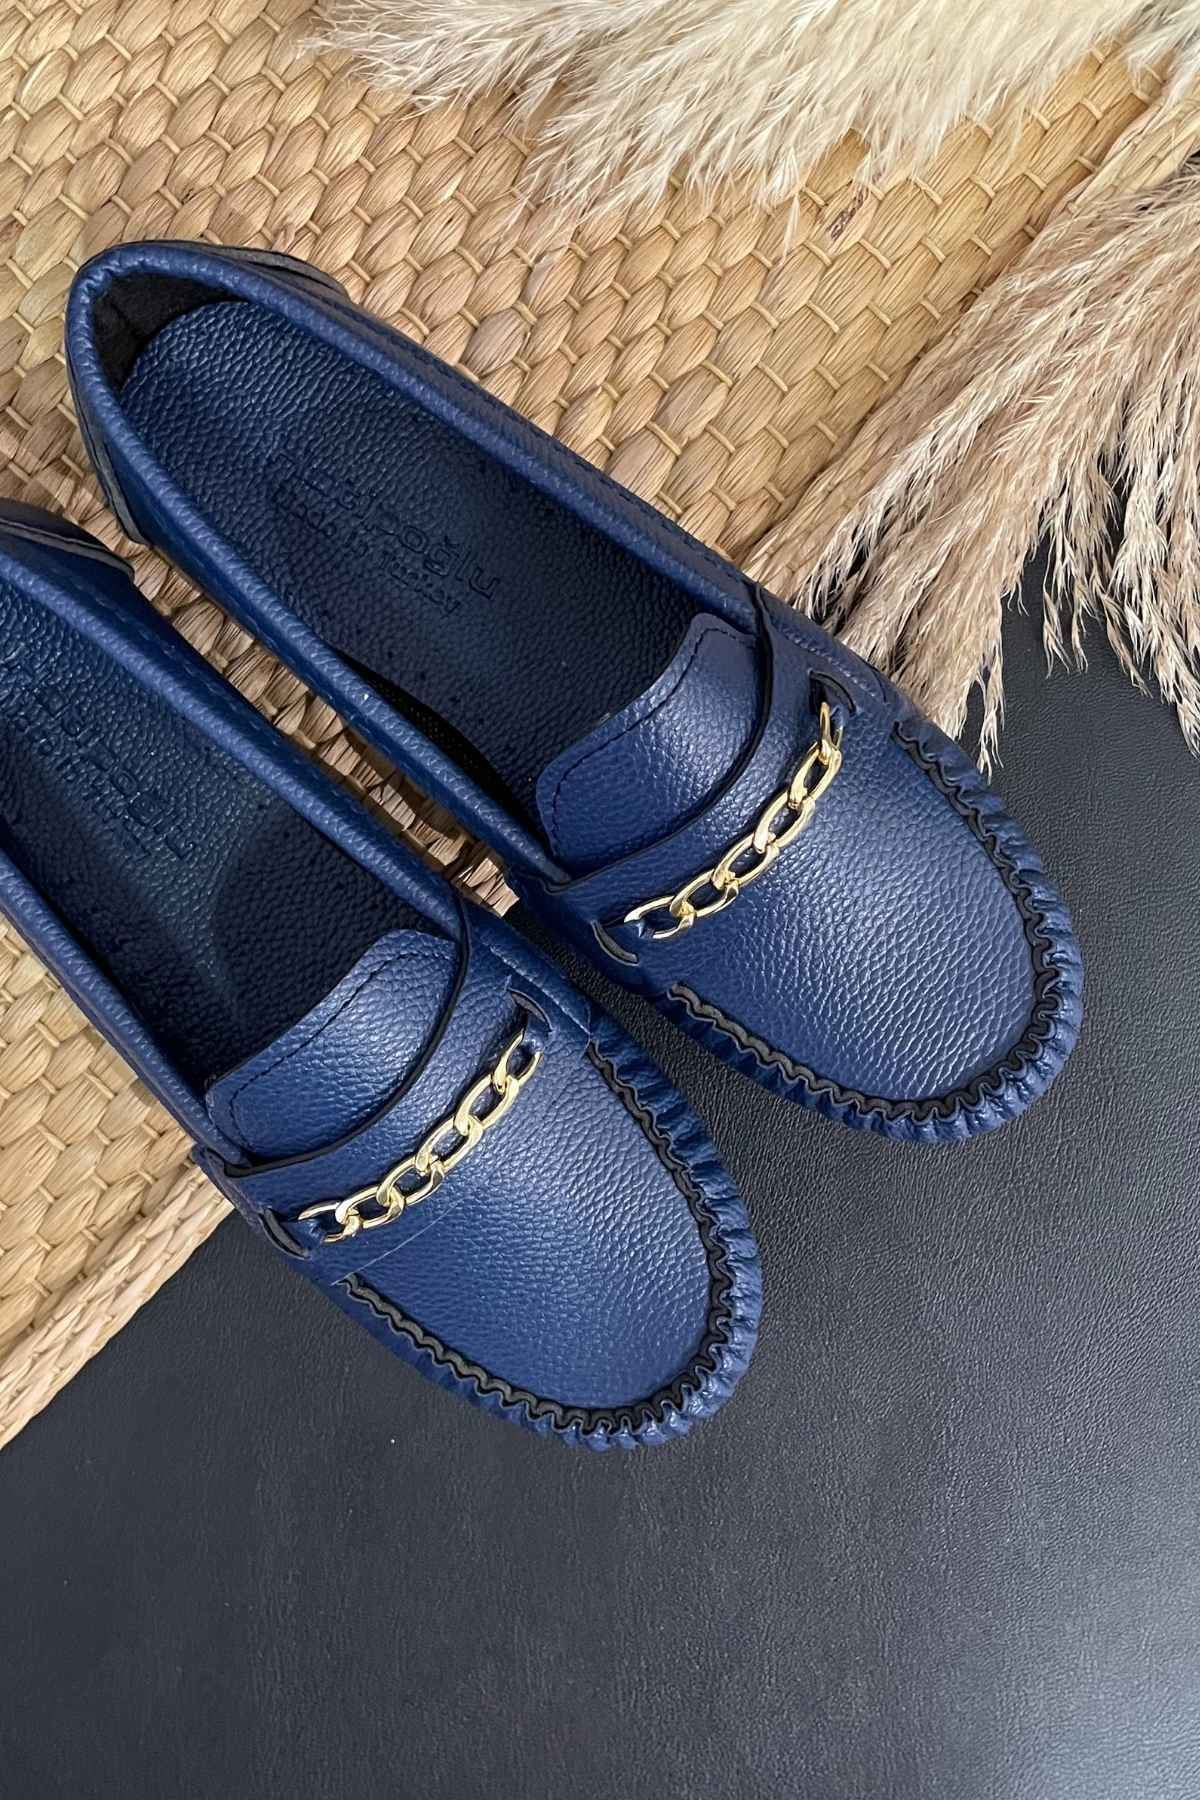 Sohi Lacivert Deri Zincirli Rok Babet Ayakkabı